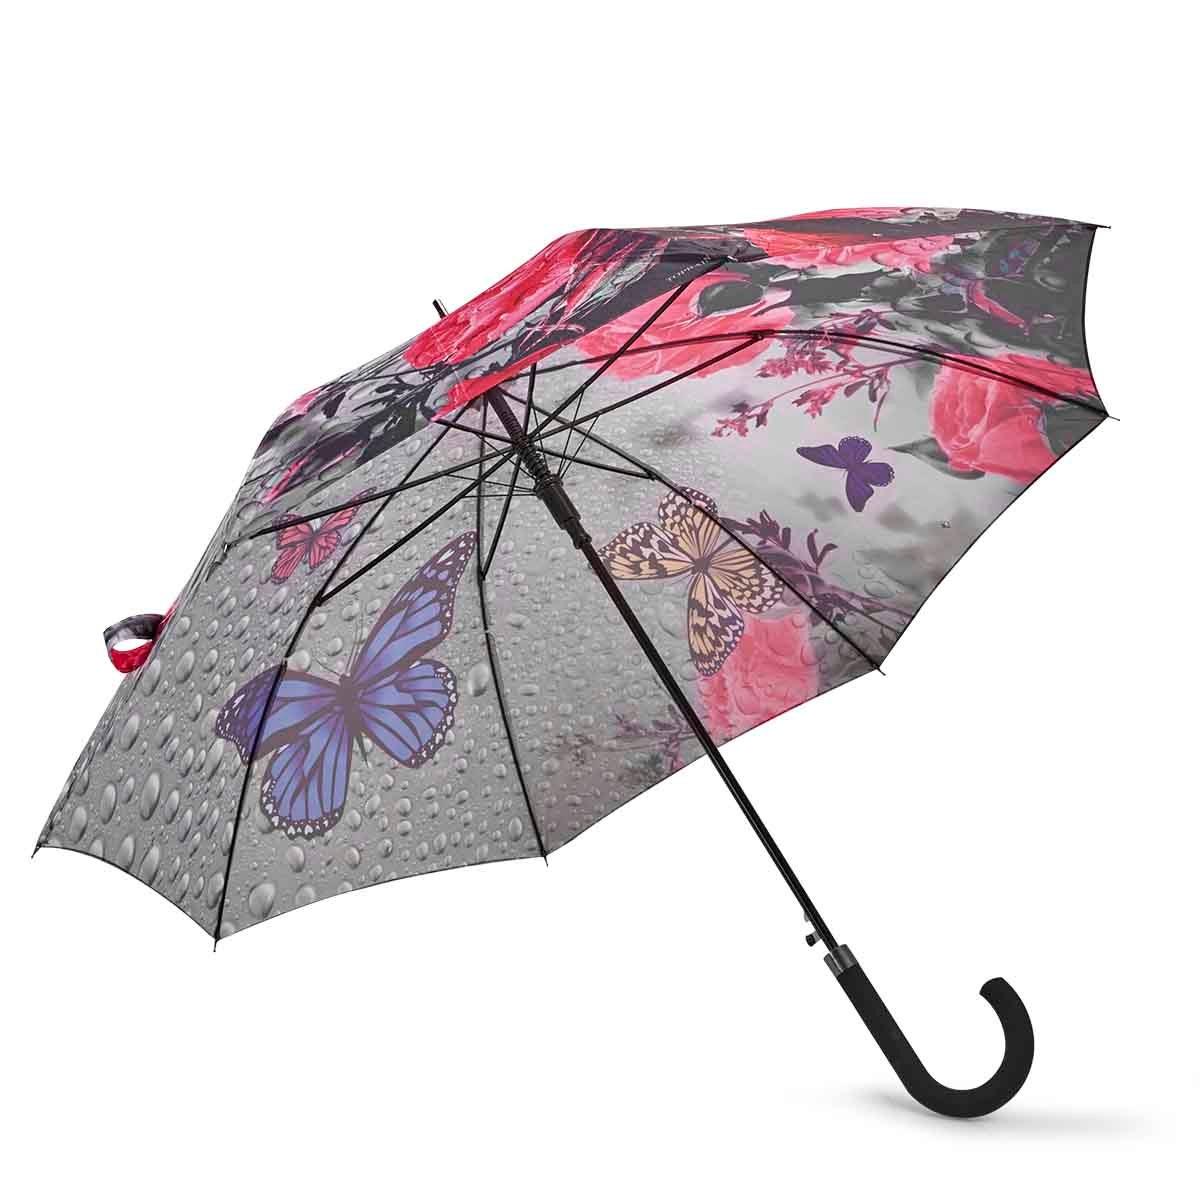 BelAmi PINK BUTTERFLY stick umbrella